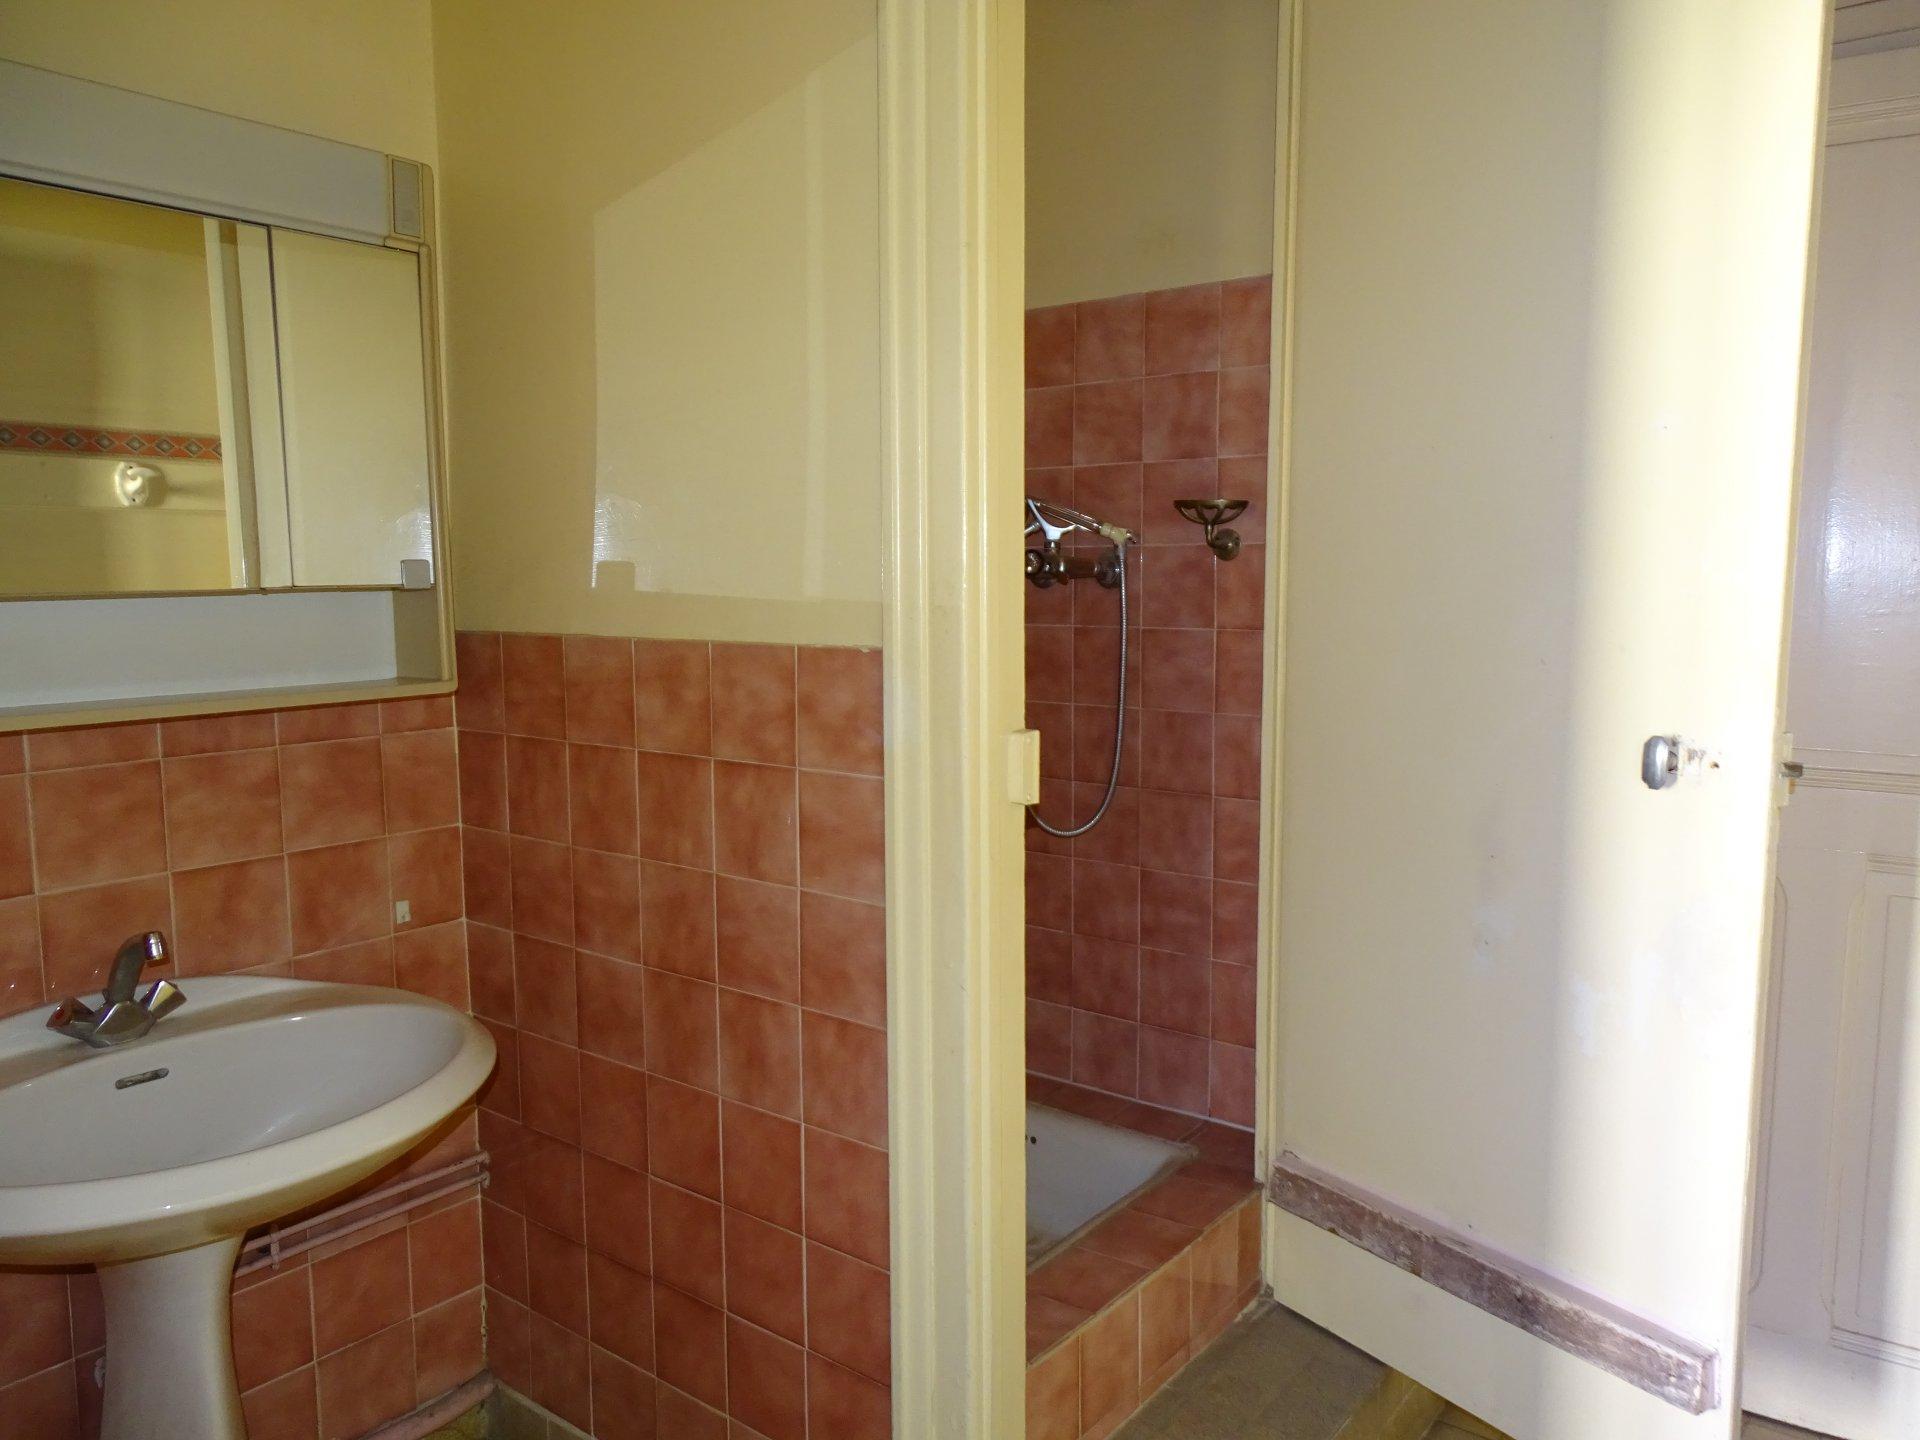 Mâcon, à deux pas du centre ville, venez découvrir cet appartement au premier étage d'une petite copropriété offrant une surface habitable de 140 m². Il dispose d'une lumineuse pièce de vie, salon (ou 3ème chambre), un espace cuisine, deux chambres, une salle de bains, une salle d'eau, deux toilettes. Beaucoup de potentiel pour cet appartement au charme de l'ancien: belle hauteur sous plafond, nombreuses cheminées, carreaux de ciments.. Ce bien est également doté d'une place de parking privative et fermée ainsi qu'une grande cave! Copropriété: 7 lots principaux - 540 euros charges courantes annuelles. Honoraires à la charge du vendeur.